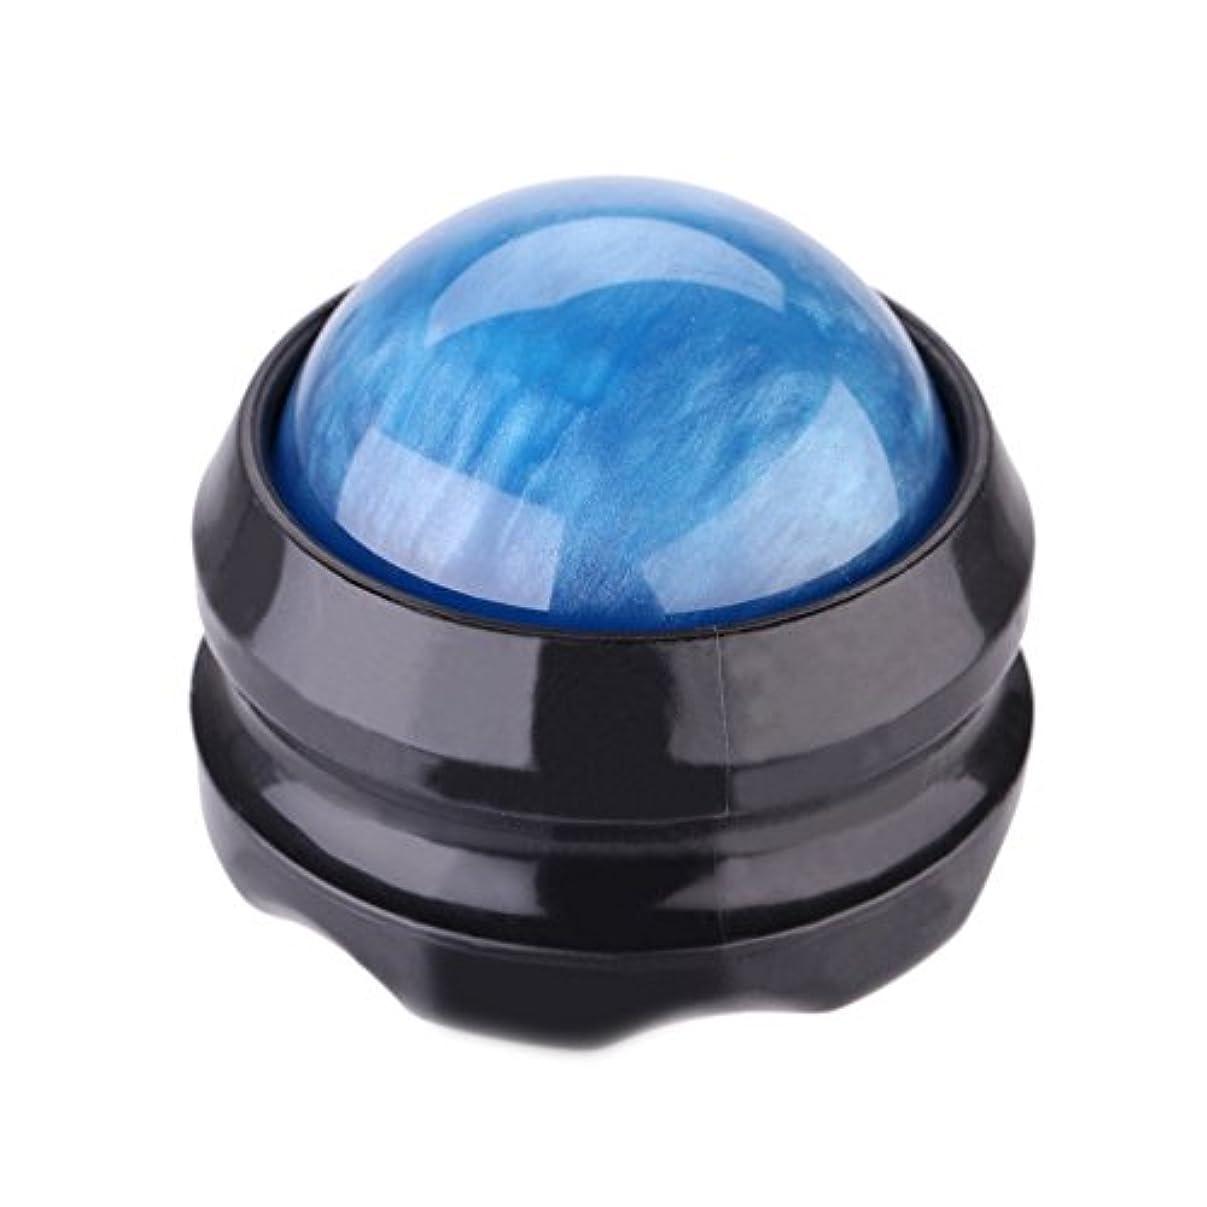 れる補足ブーストgundoop マッサージ ボール 360度回転 背中 首 腰 筋膜リリース 健康器具 (青)